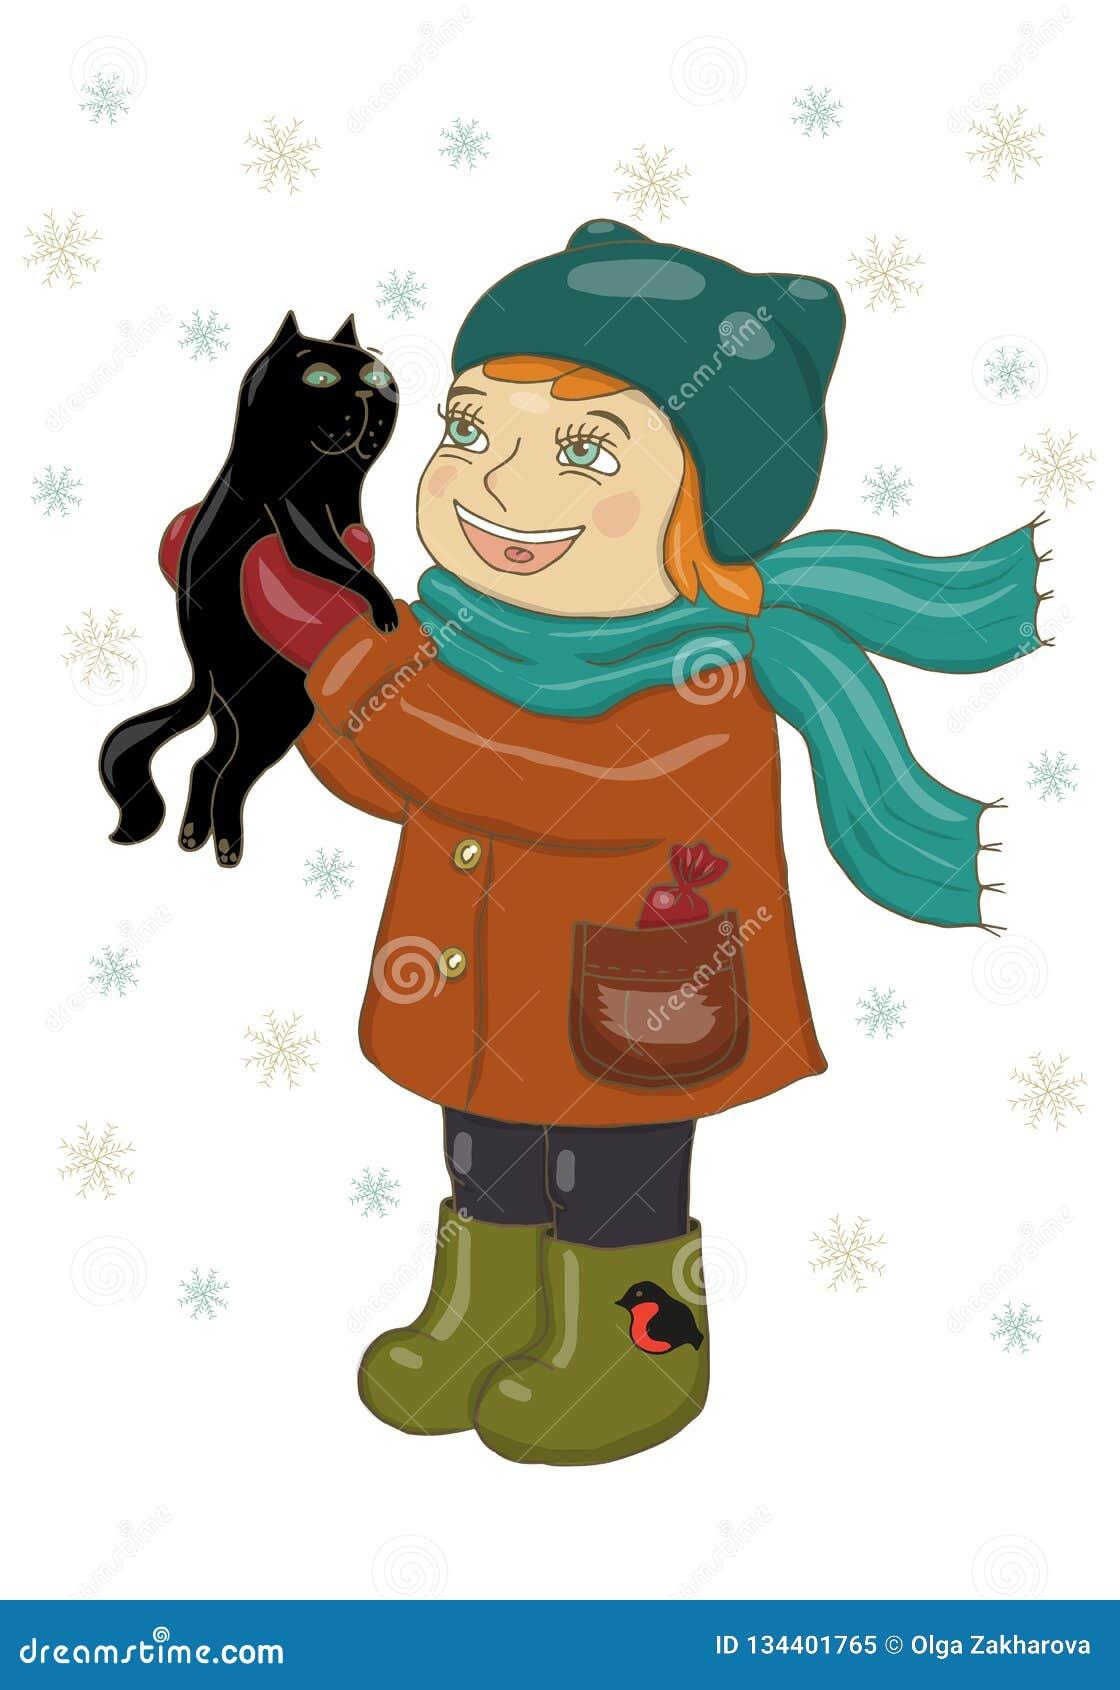 Vektorillustration av en flicka i vinterkläder som rymmer en svart katt Jubla, skratta, snöflingor faller Feriekort, lyckligt nyt